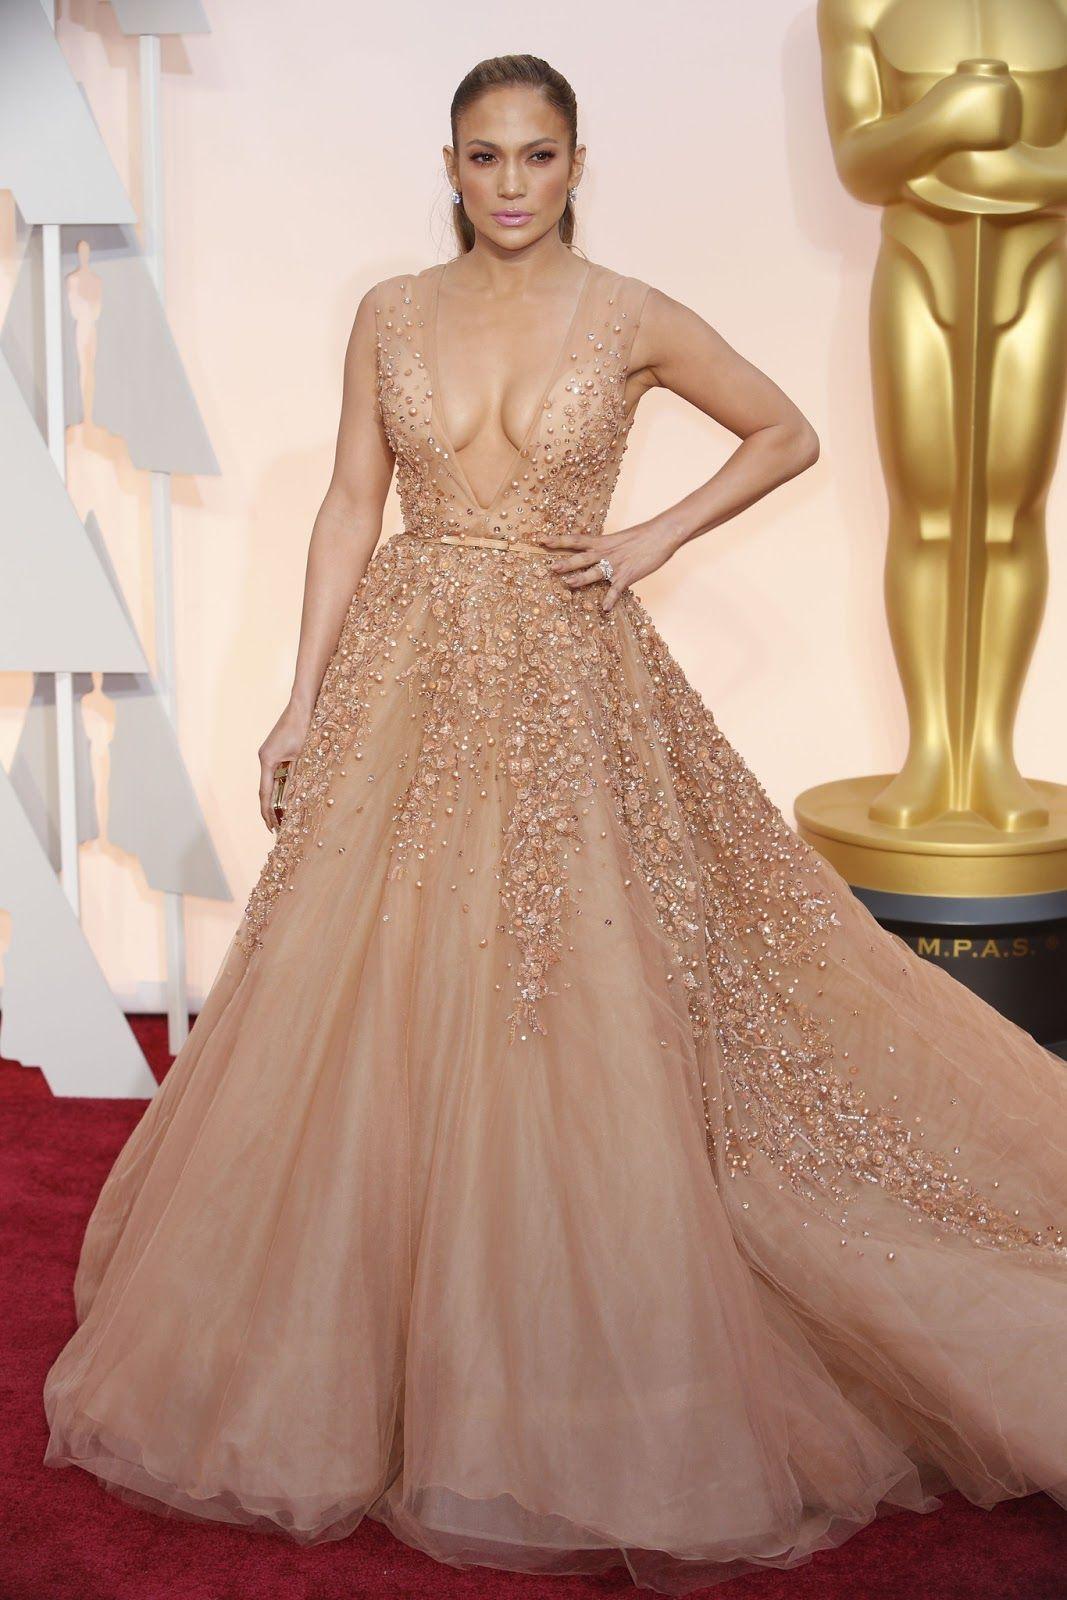 Groß Hollywood Prom Kleid Bilder - Hochzeit Kleid Stile Ideen ...